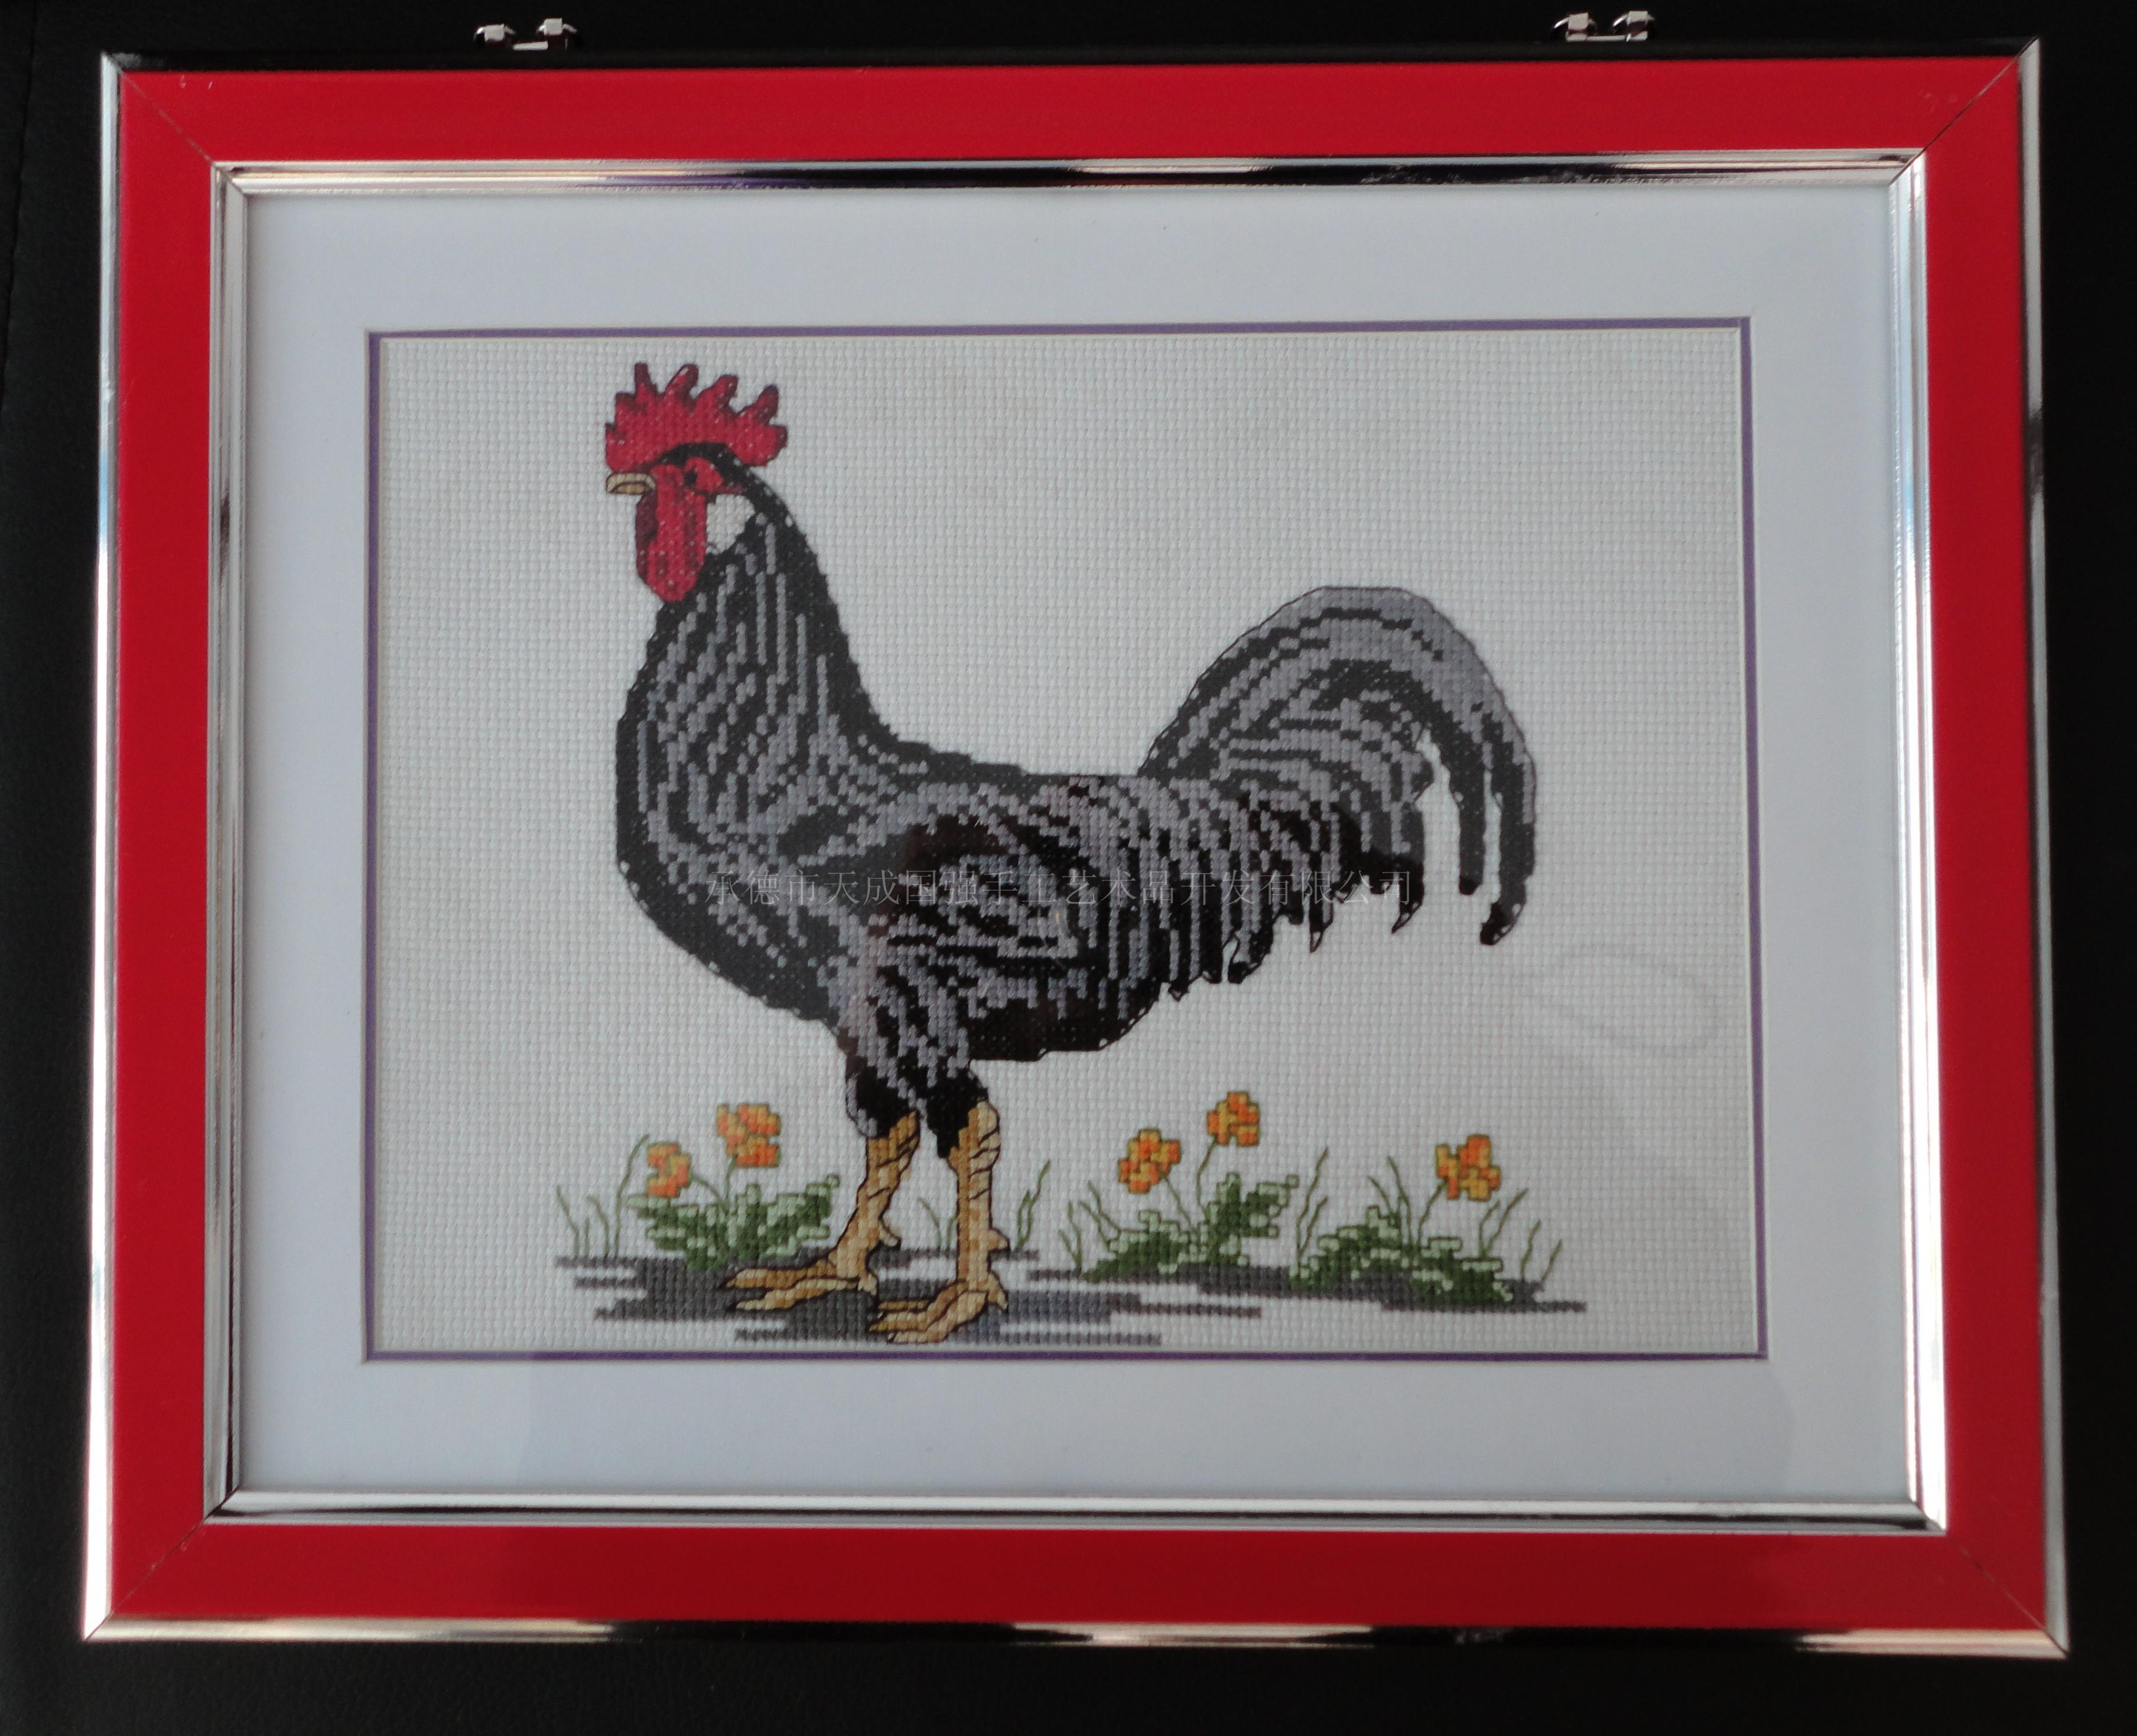 大公鸡 动物刺绣画 家居装饰画 产品展示 承德市天成国强手工艺术品开图片